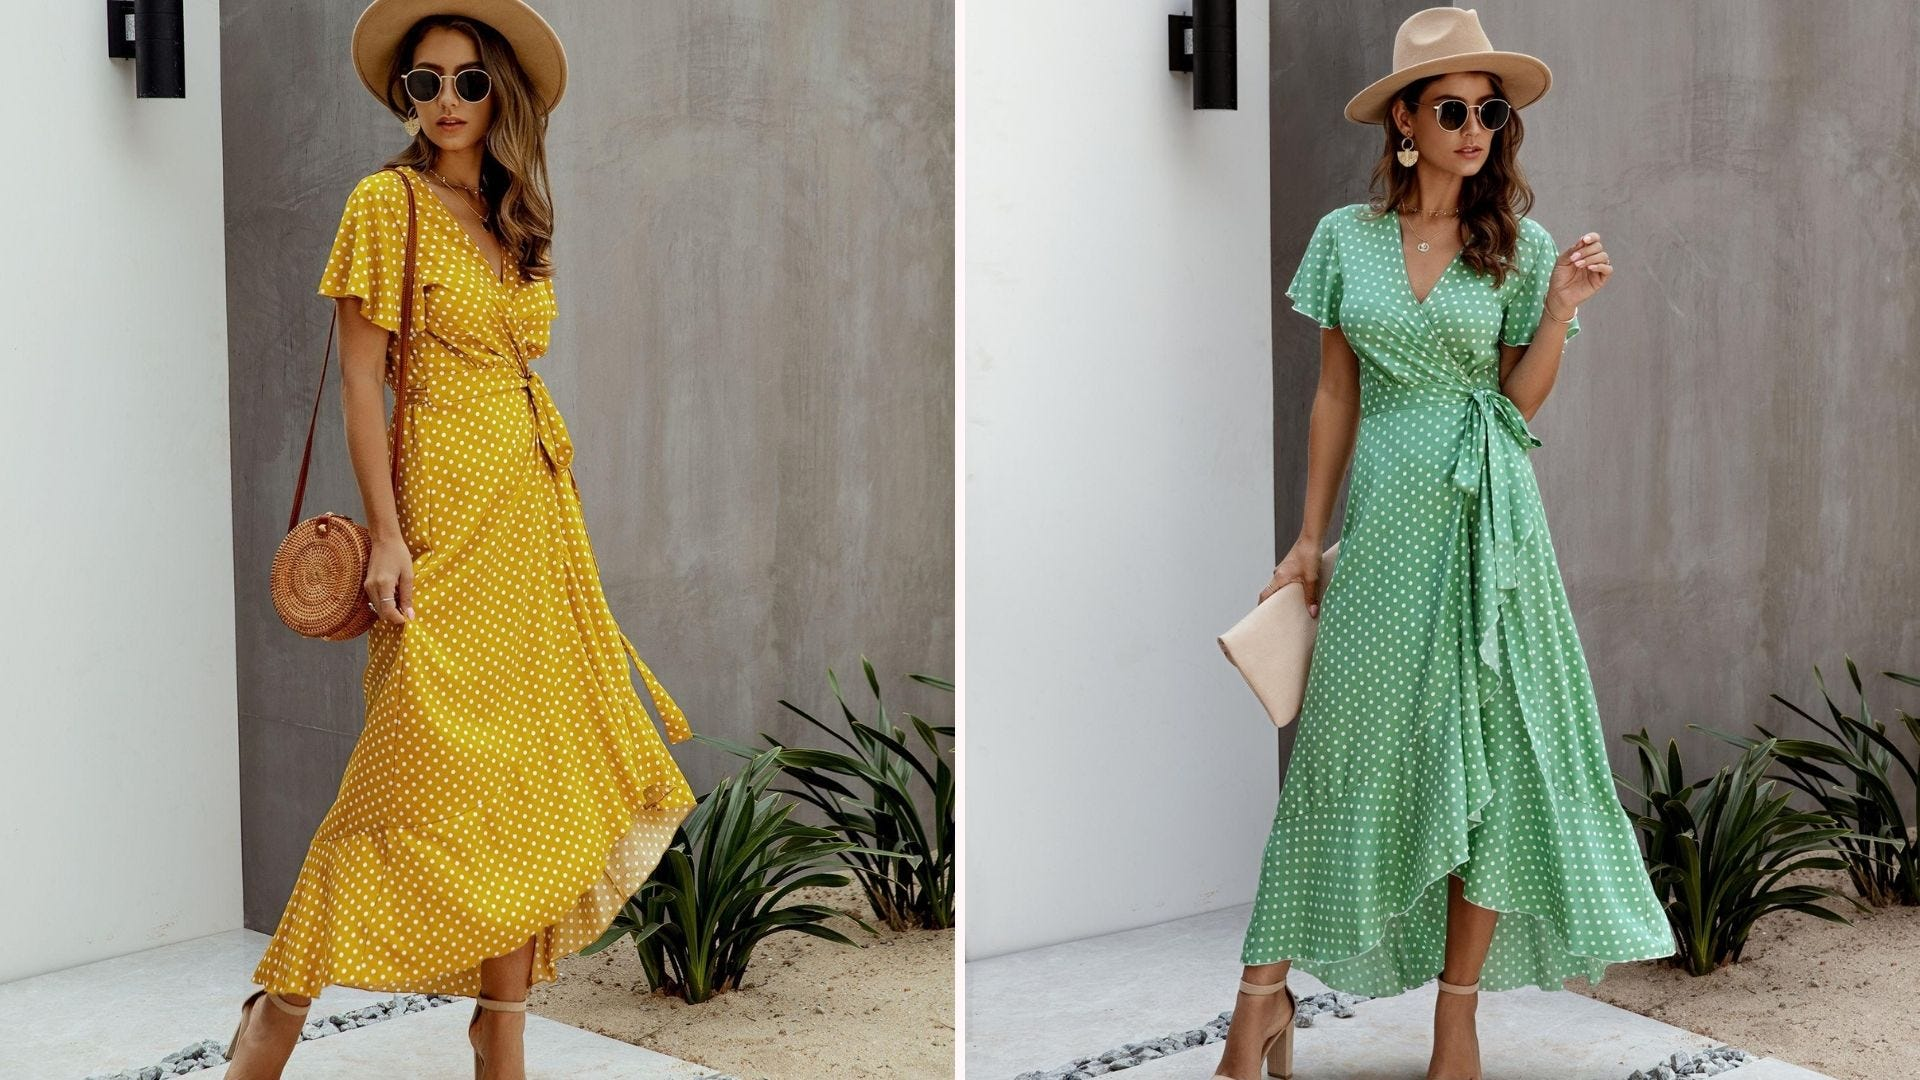 A woman in a yellow polka dot wrap dress; a woman in a green polka dot wrap dress